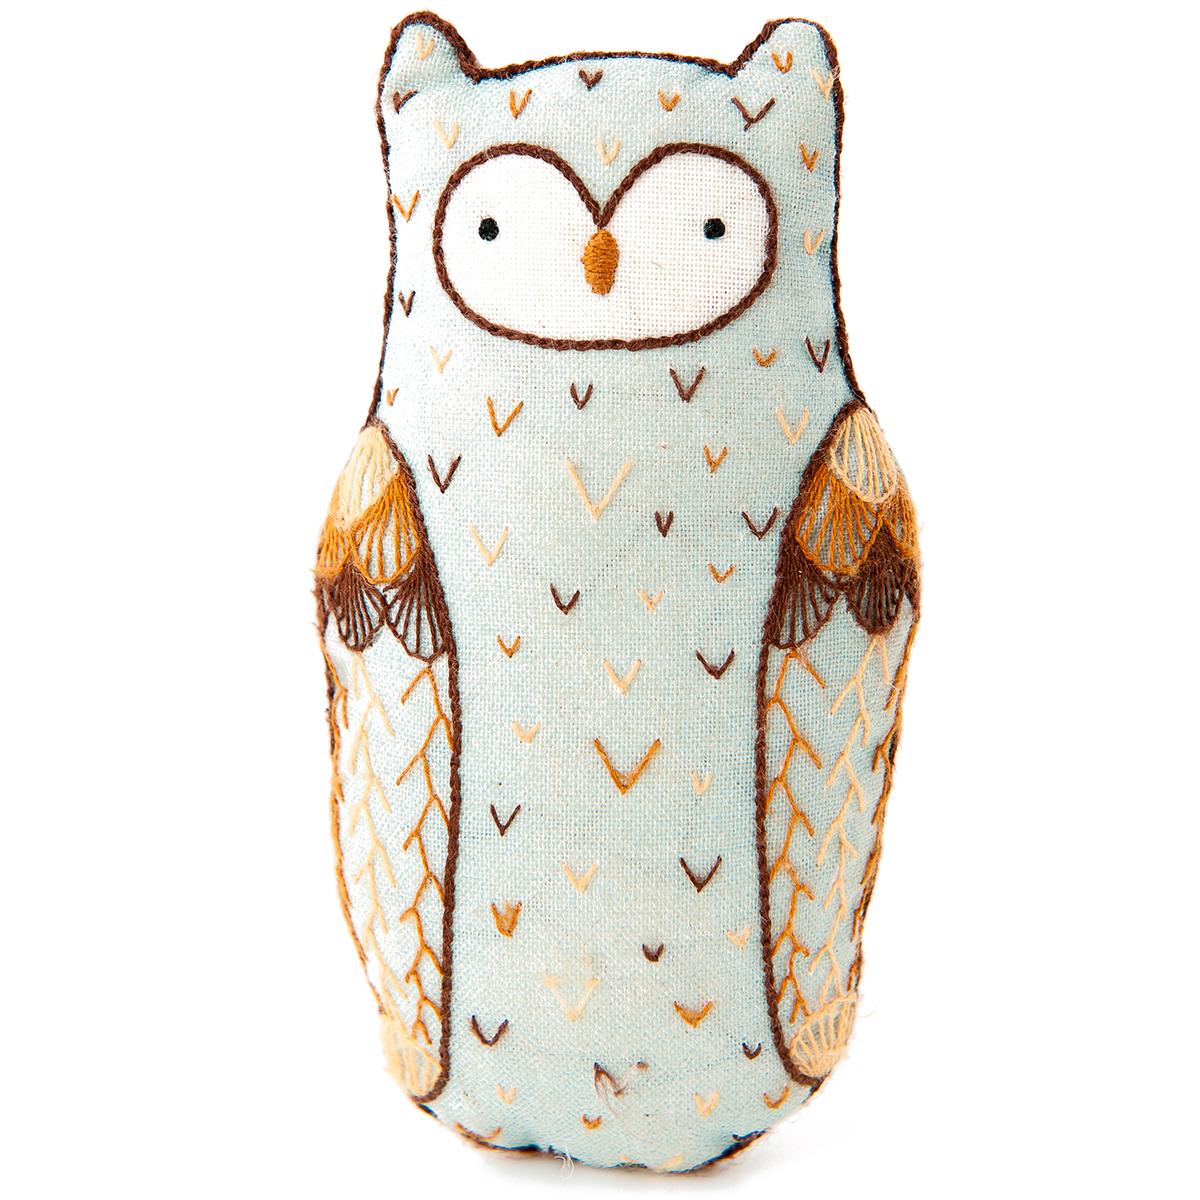 Horned owl doll kit